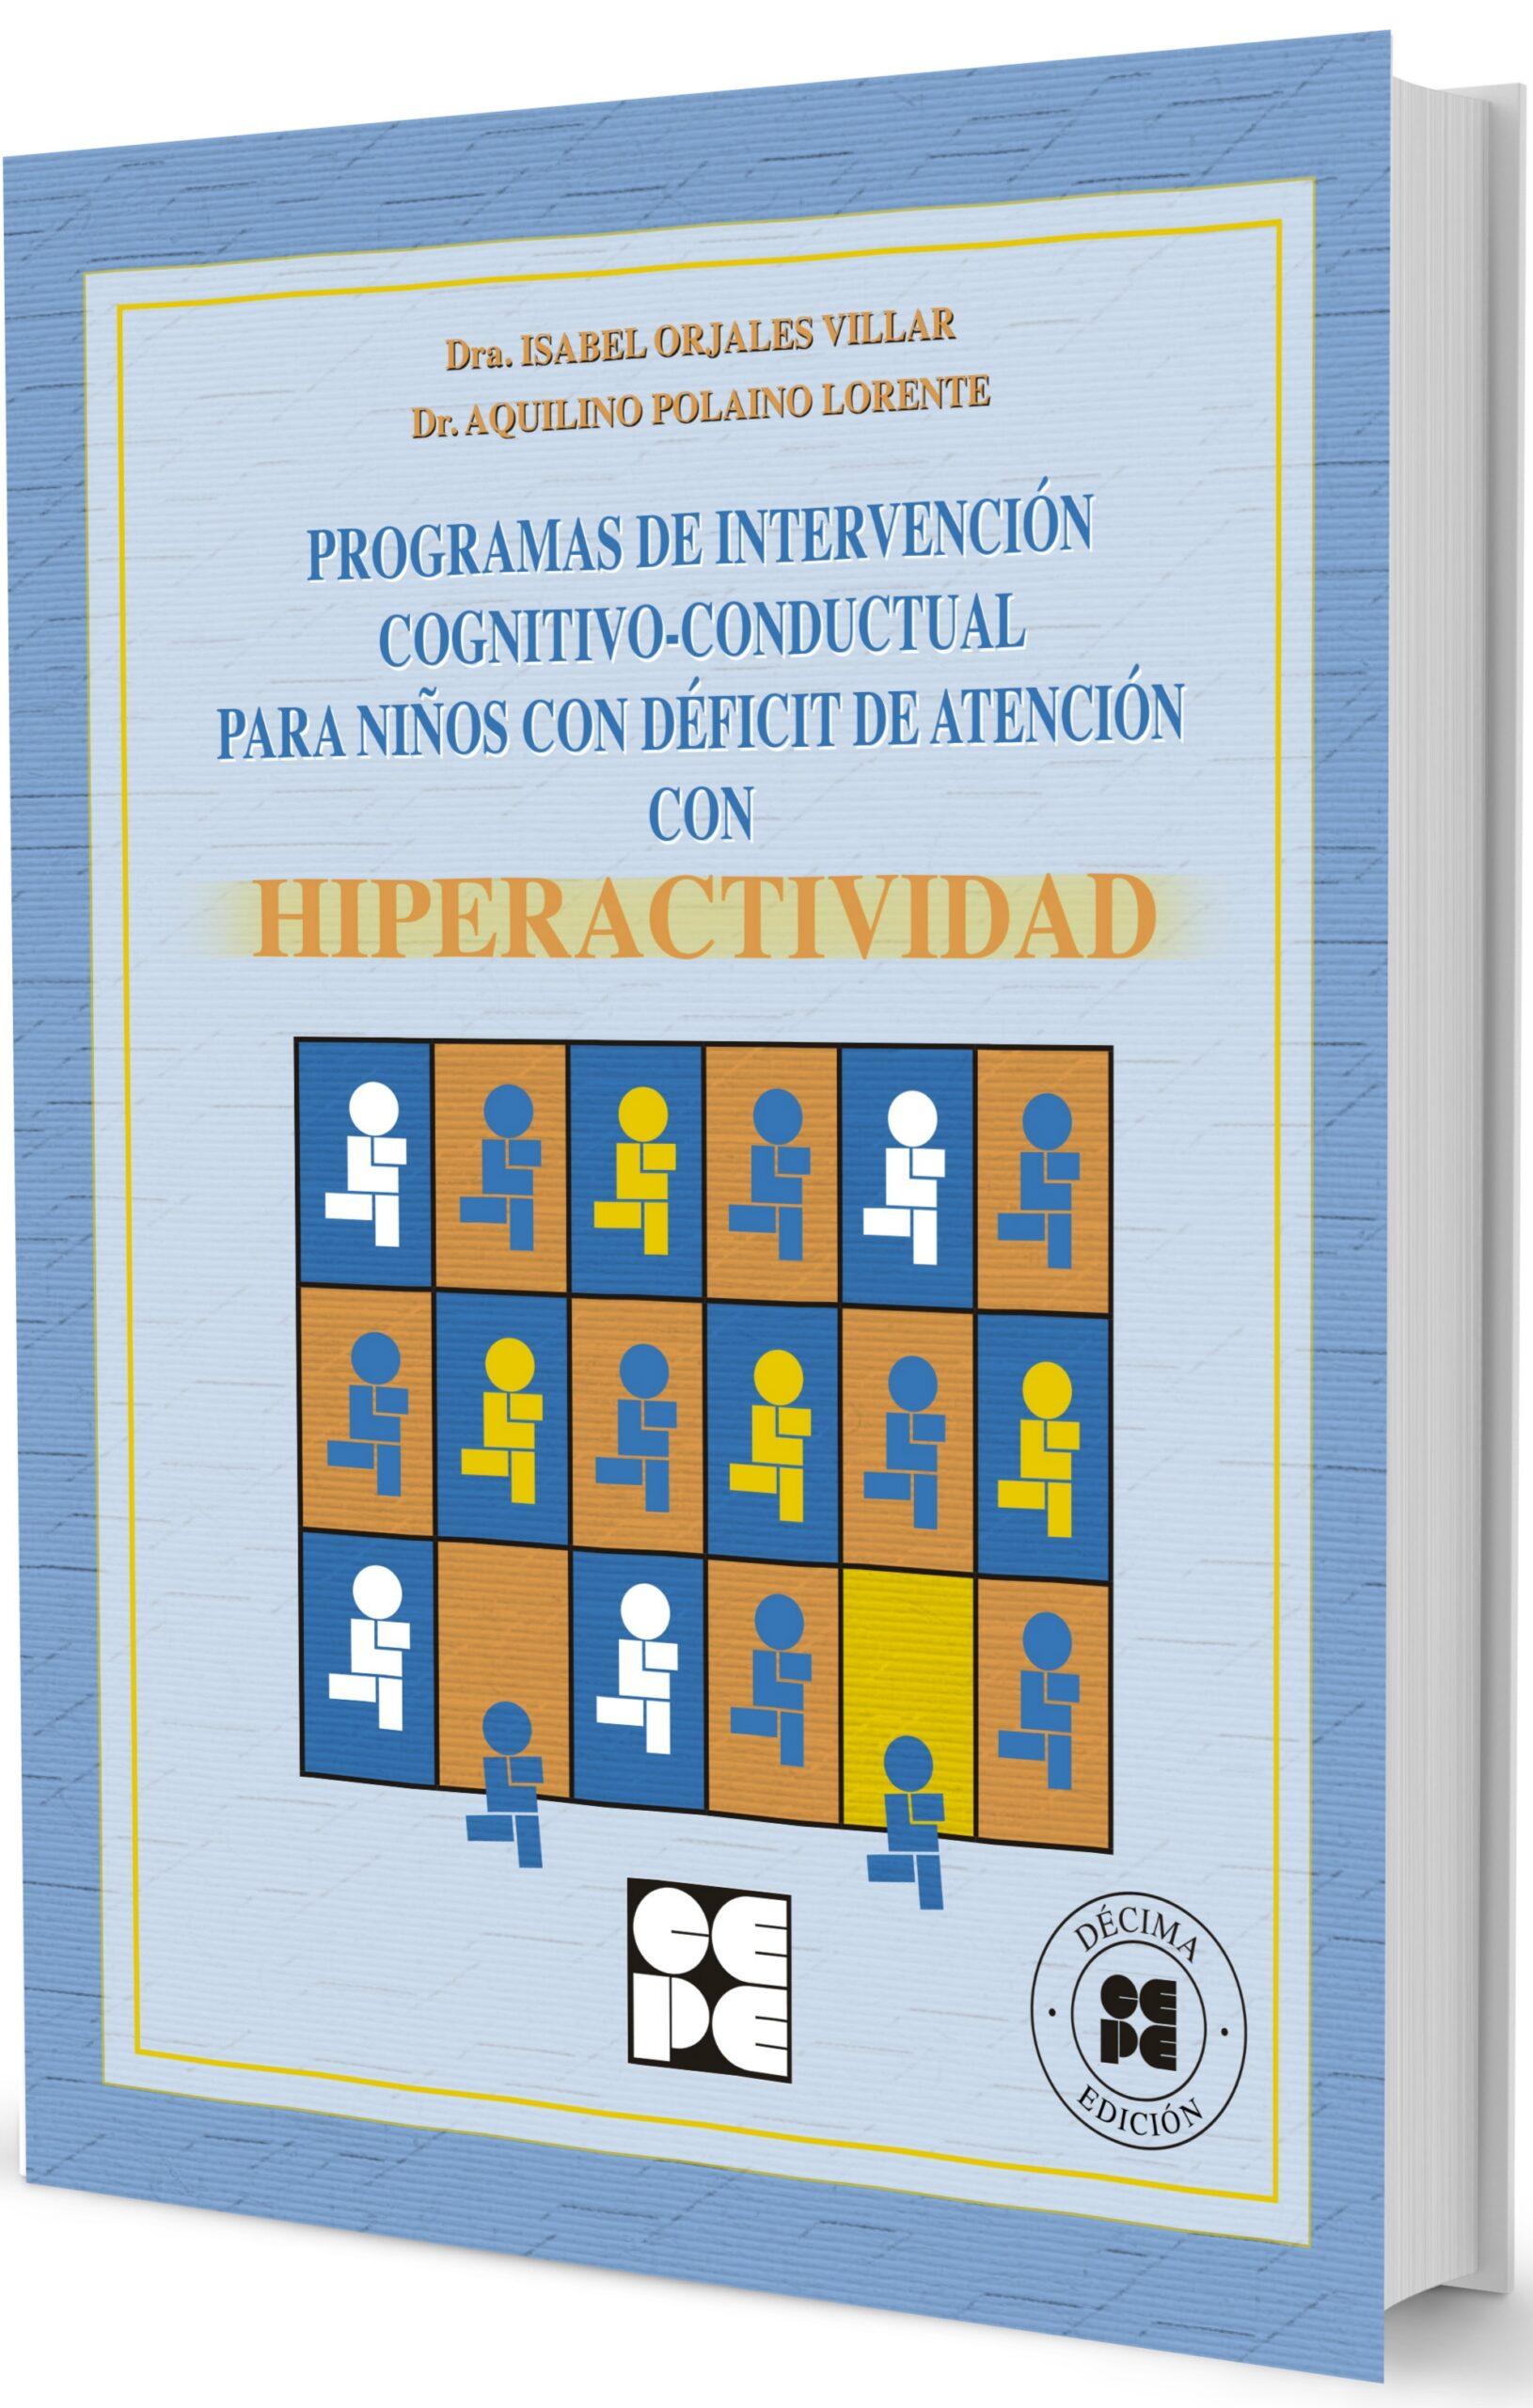 Programa de Intervención Cognitivo-Conductual para Niños con Déficit de Atención con Hiperactividad